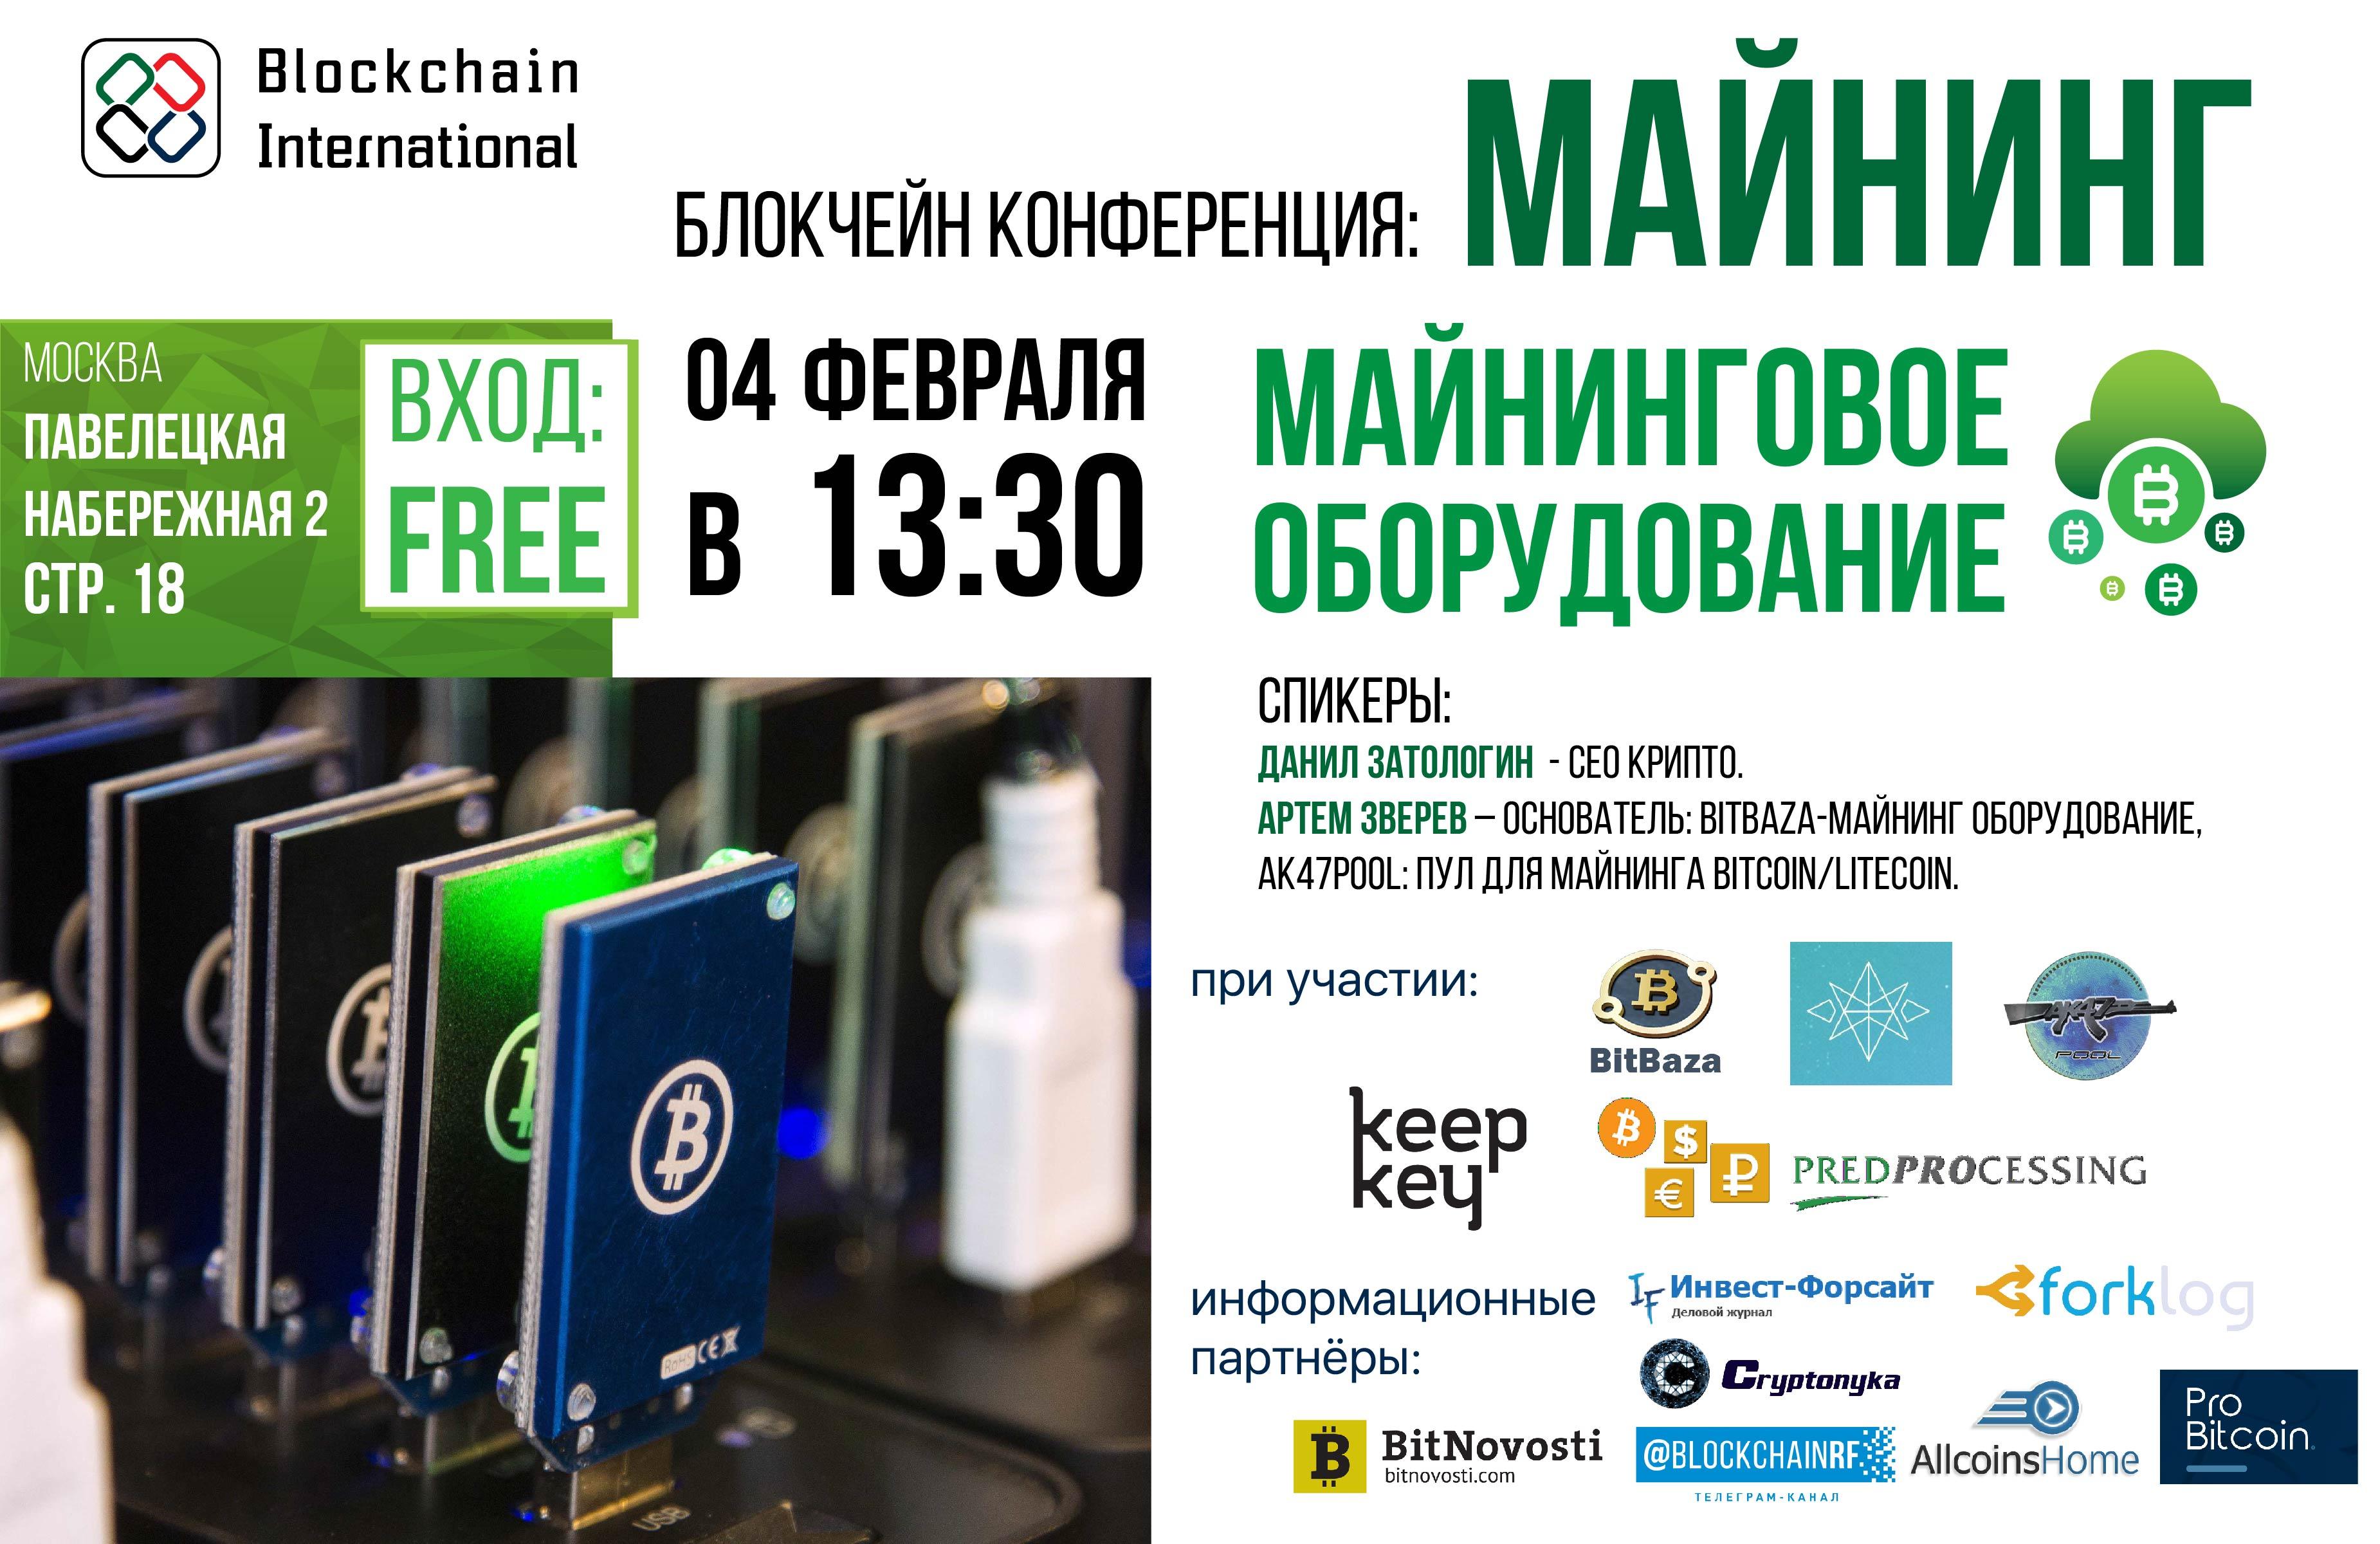 Как заработать в интернете в казахстане 1000-4